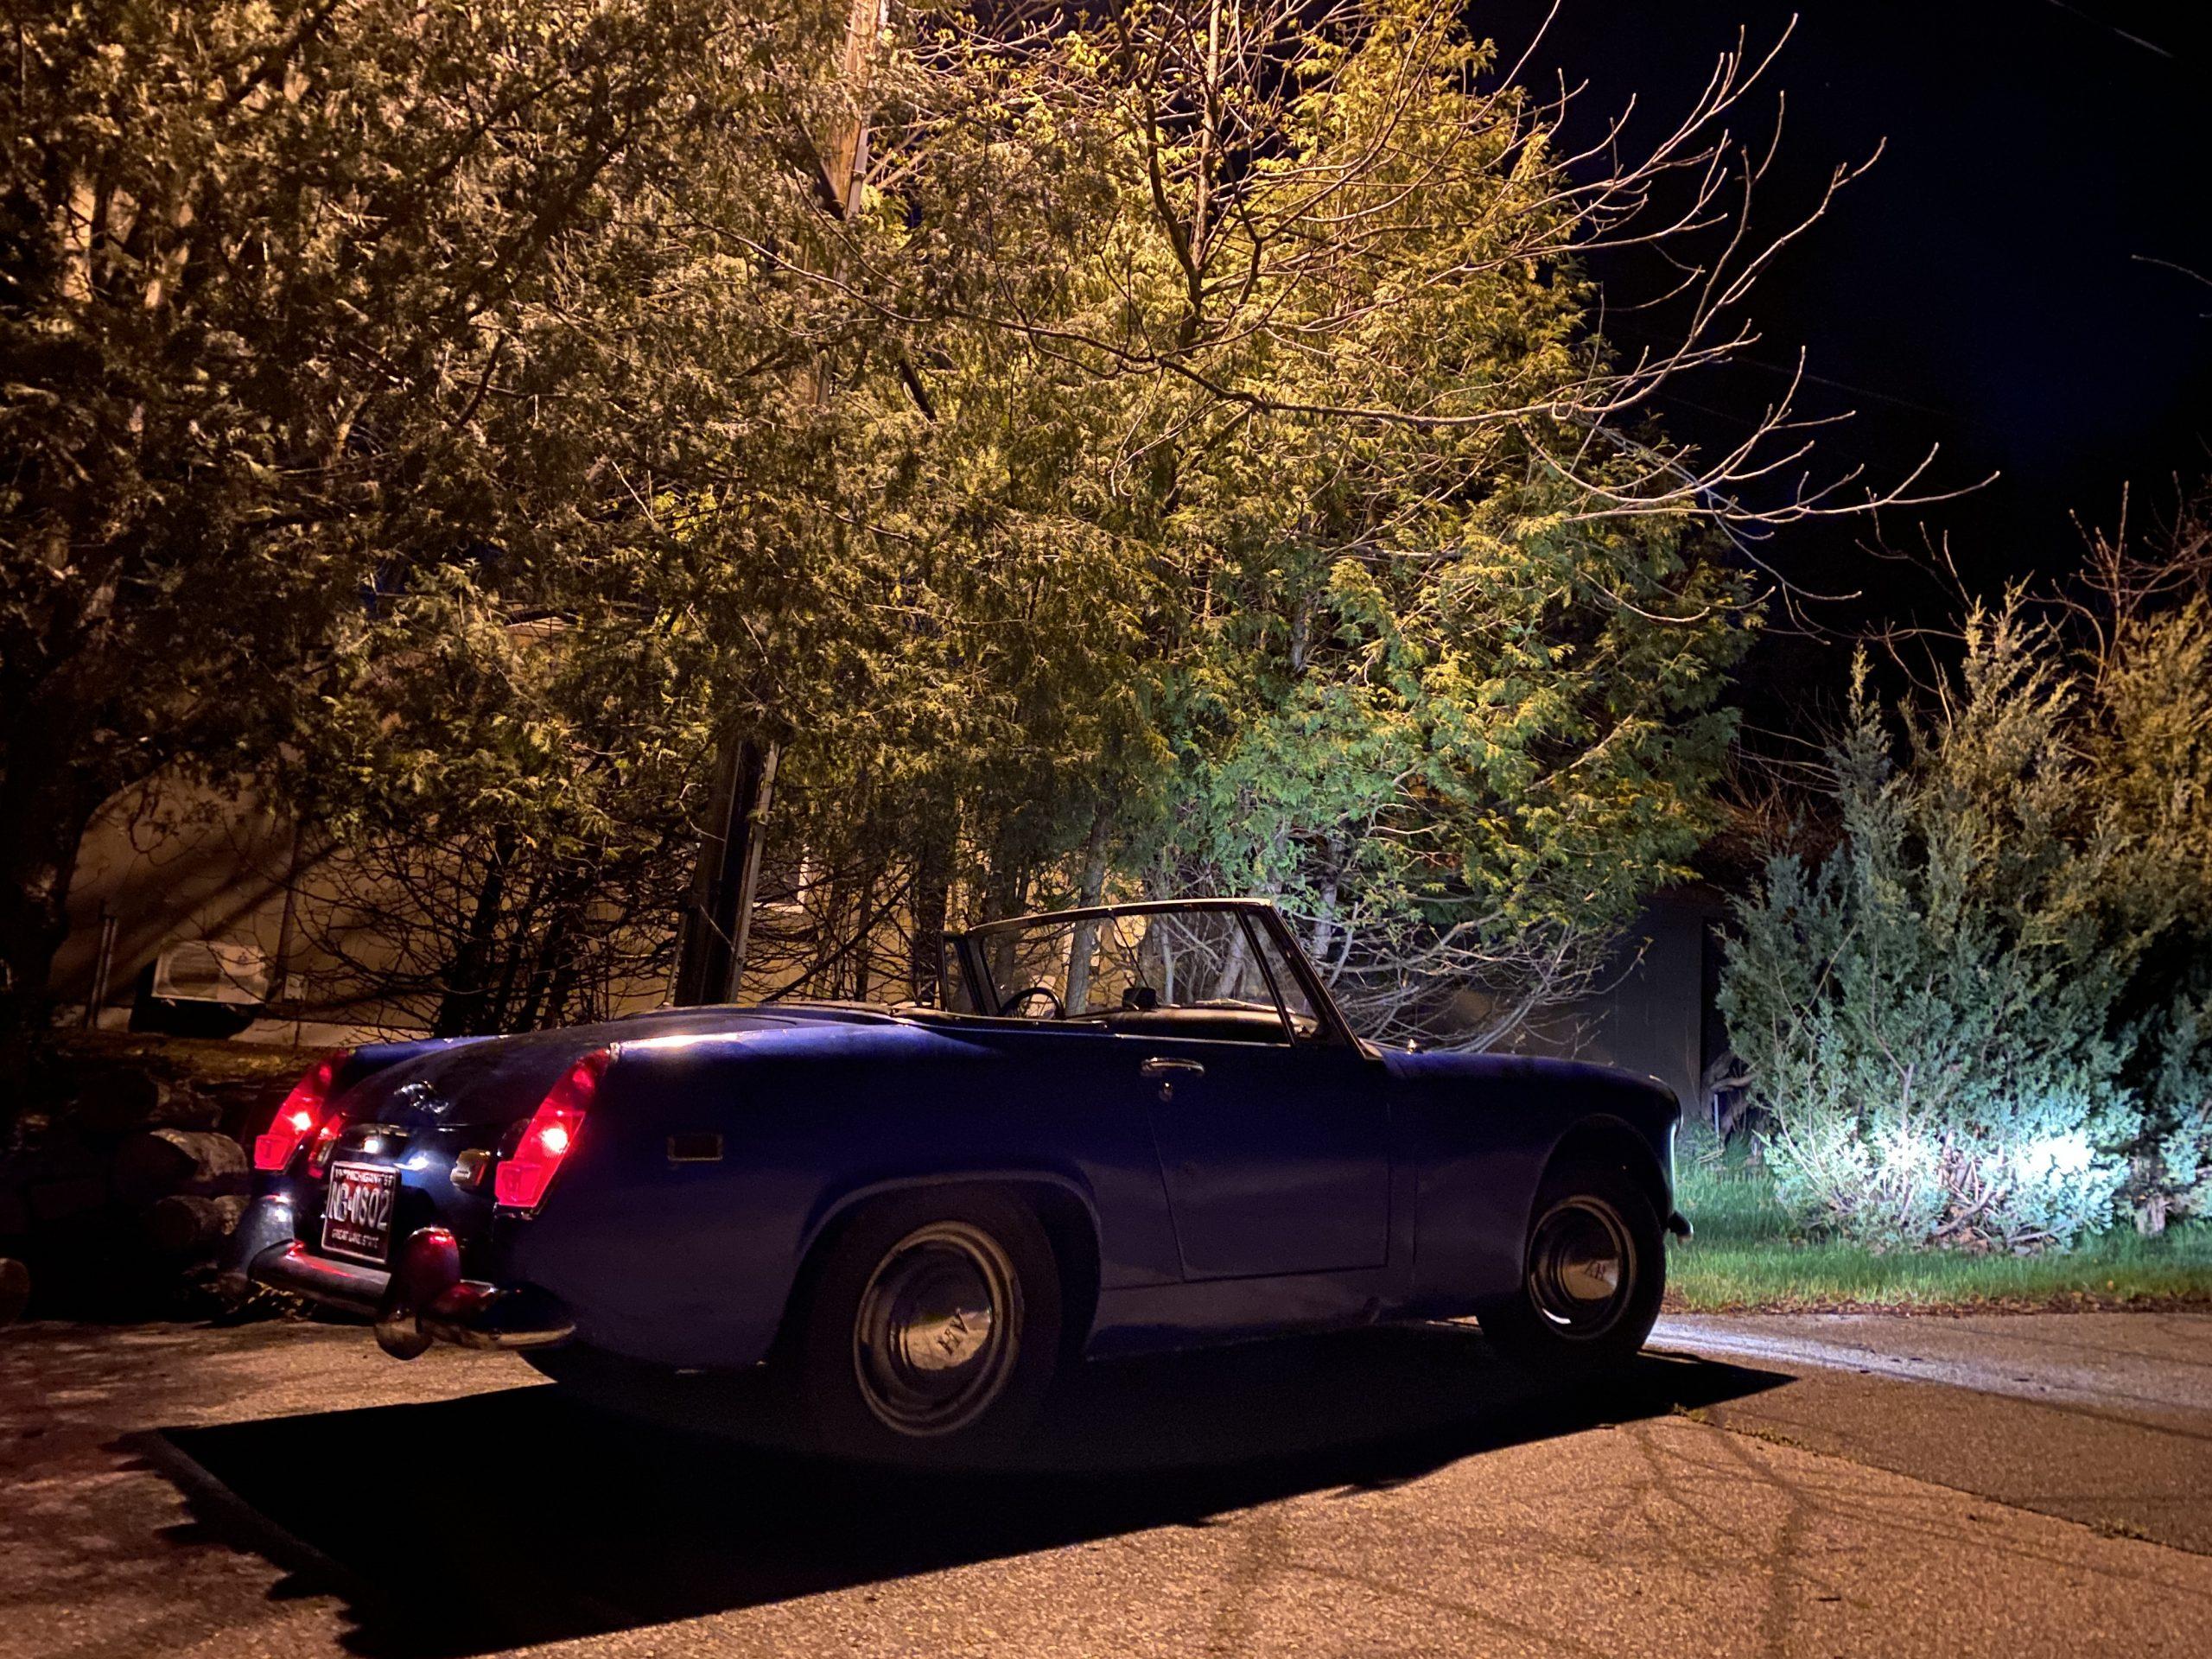 Austin Healey Sprite at night